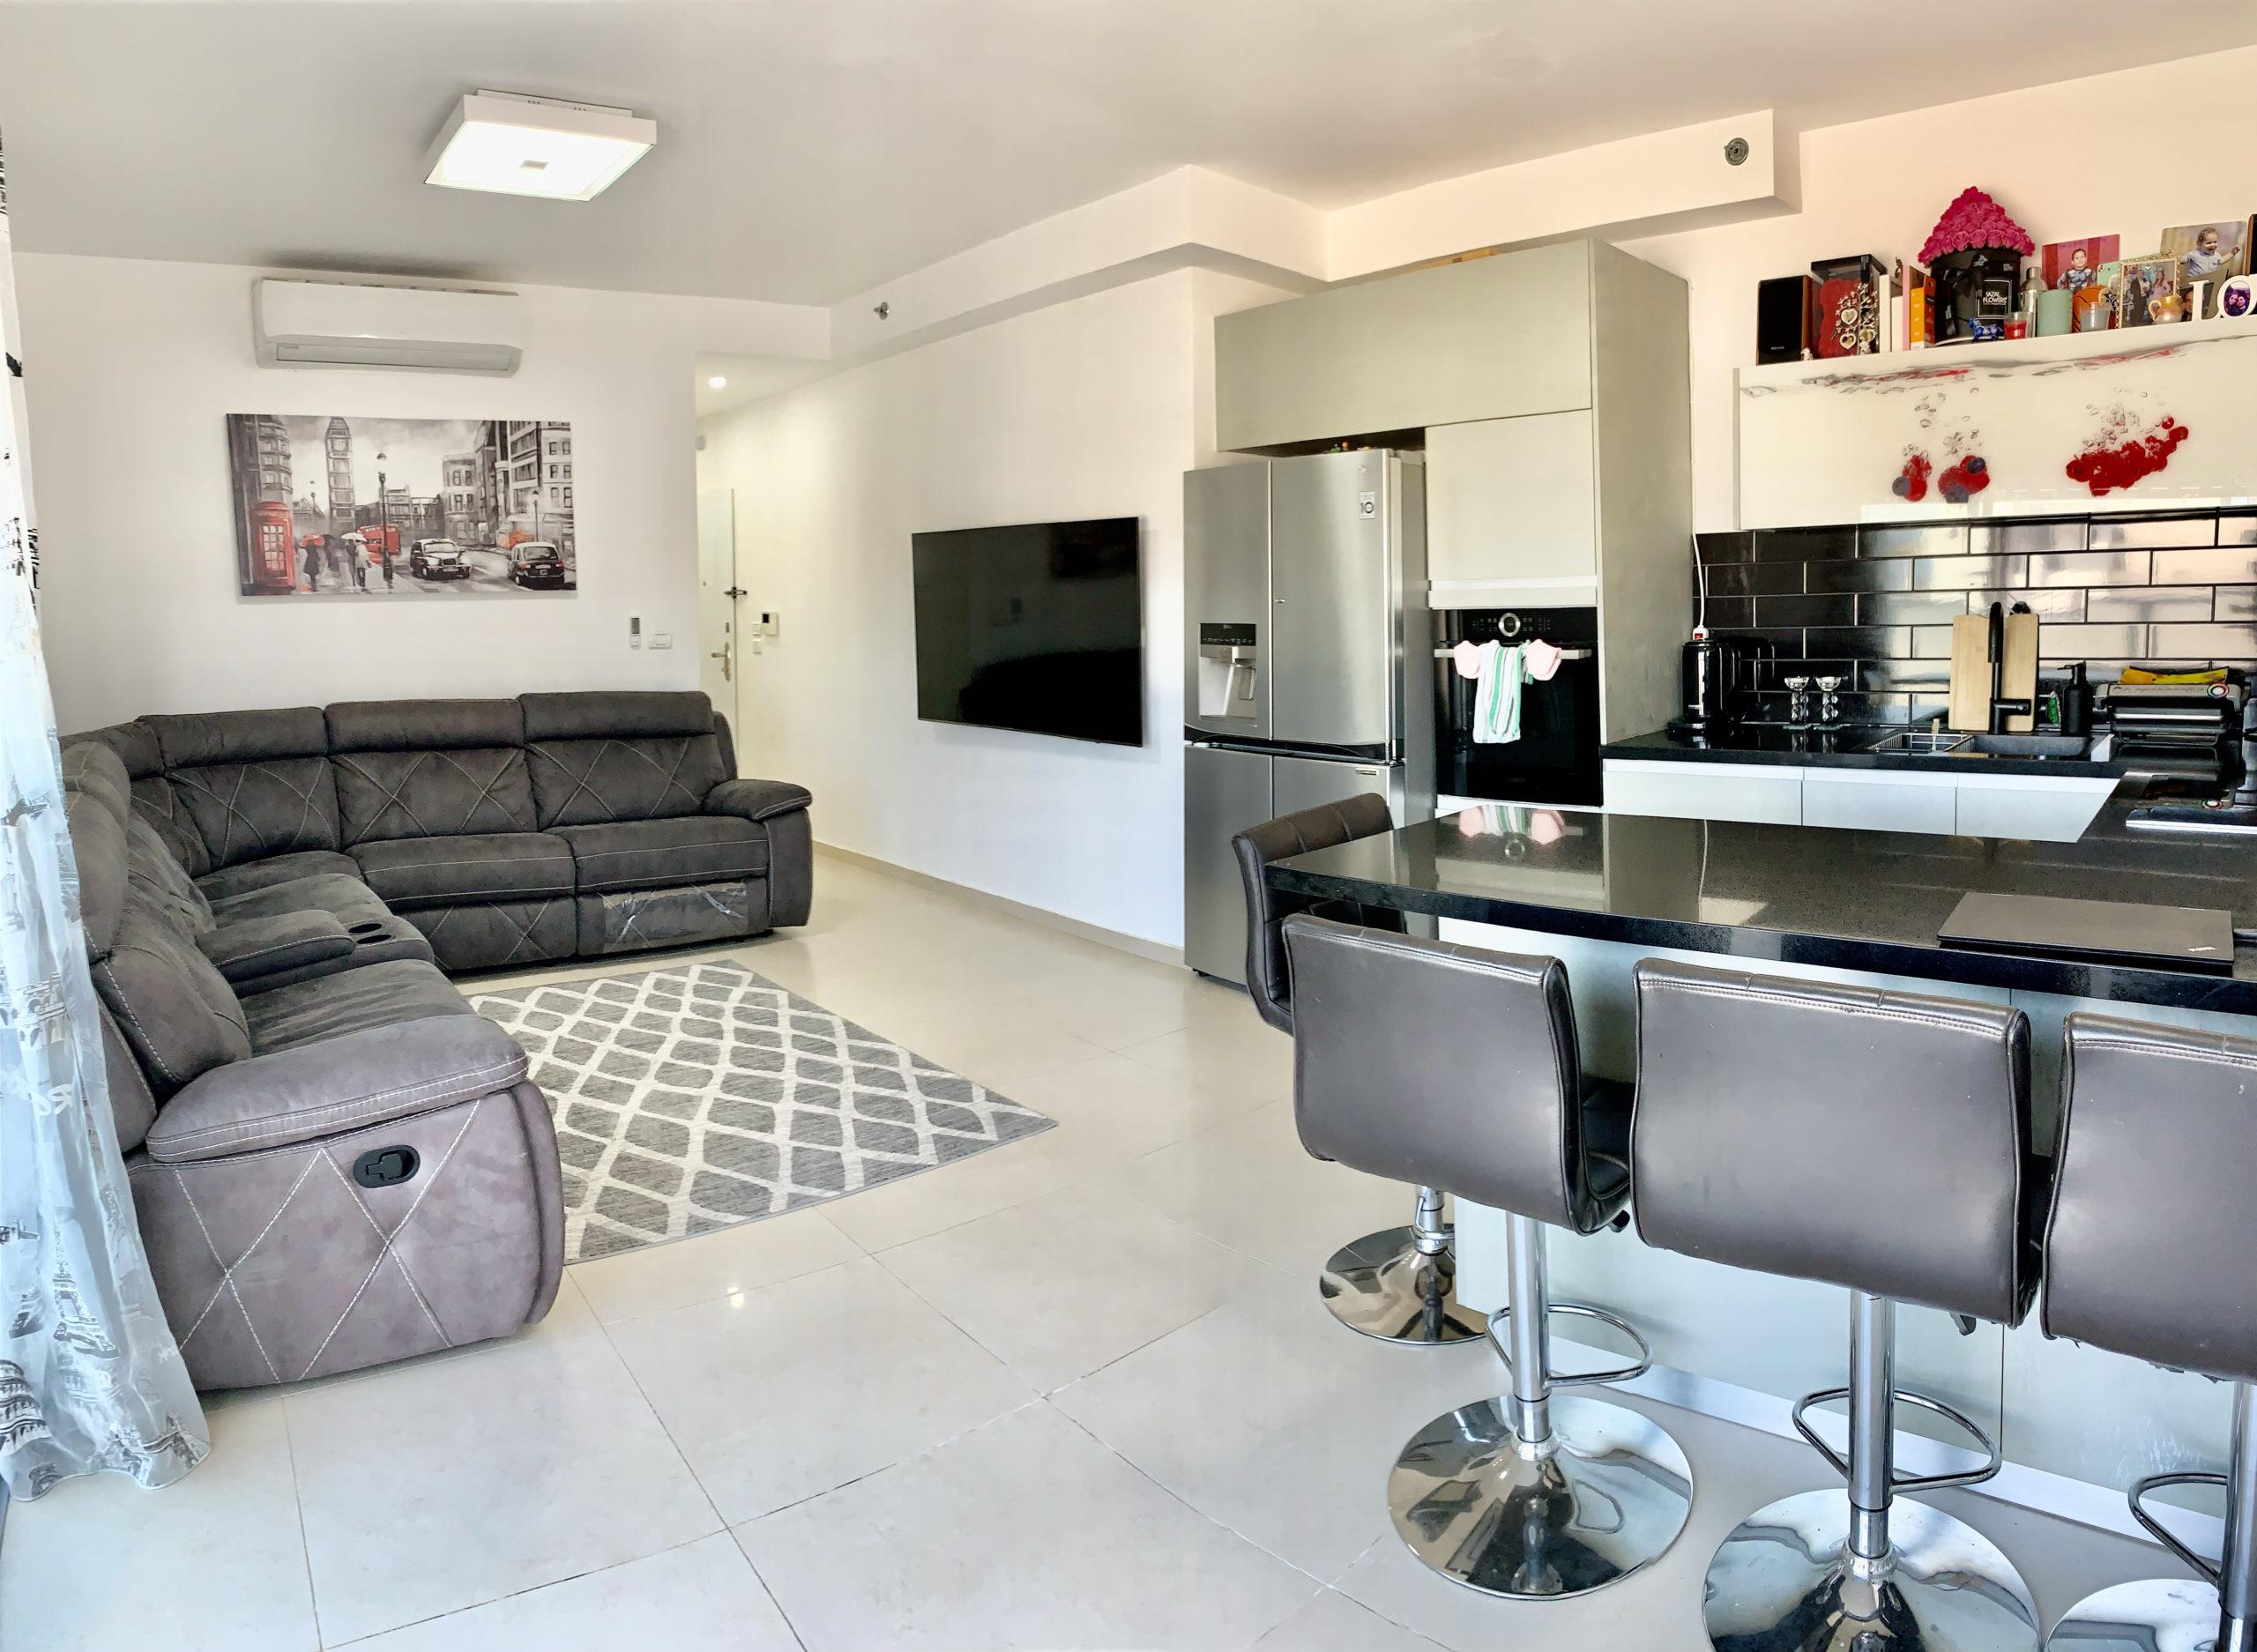 למכירה 4 חדרים חדשה בשכונת נאות רחל רחוב הופיין